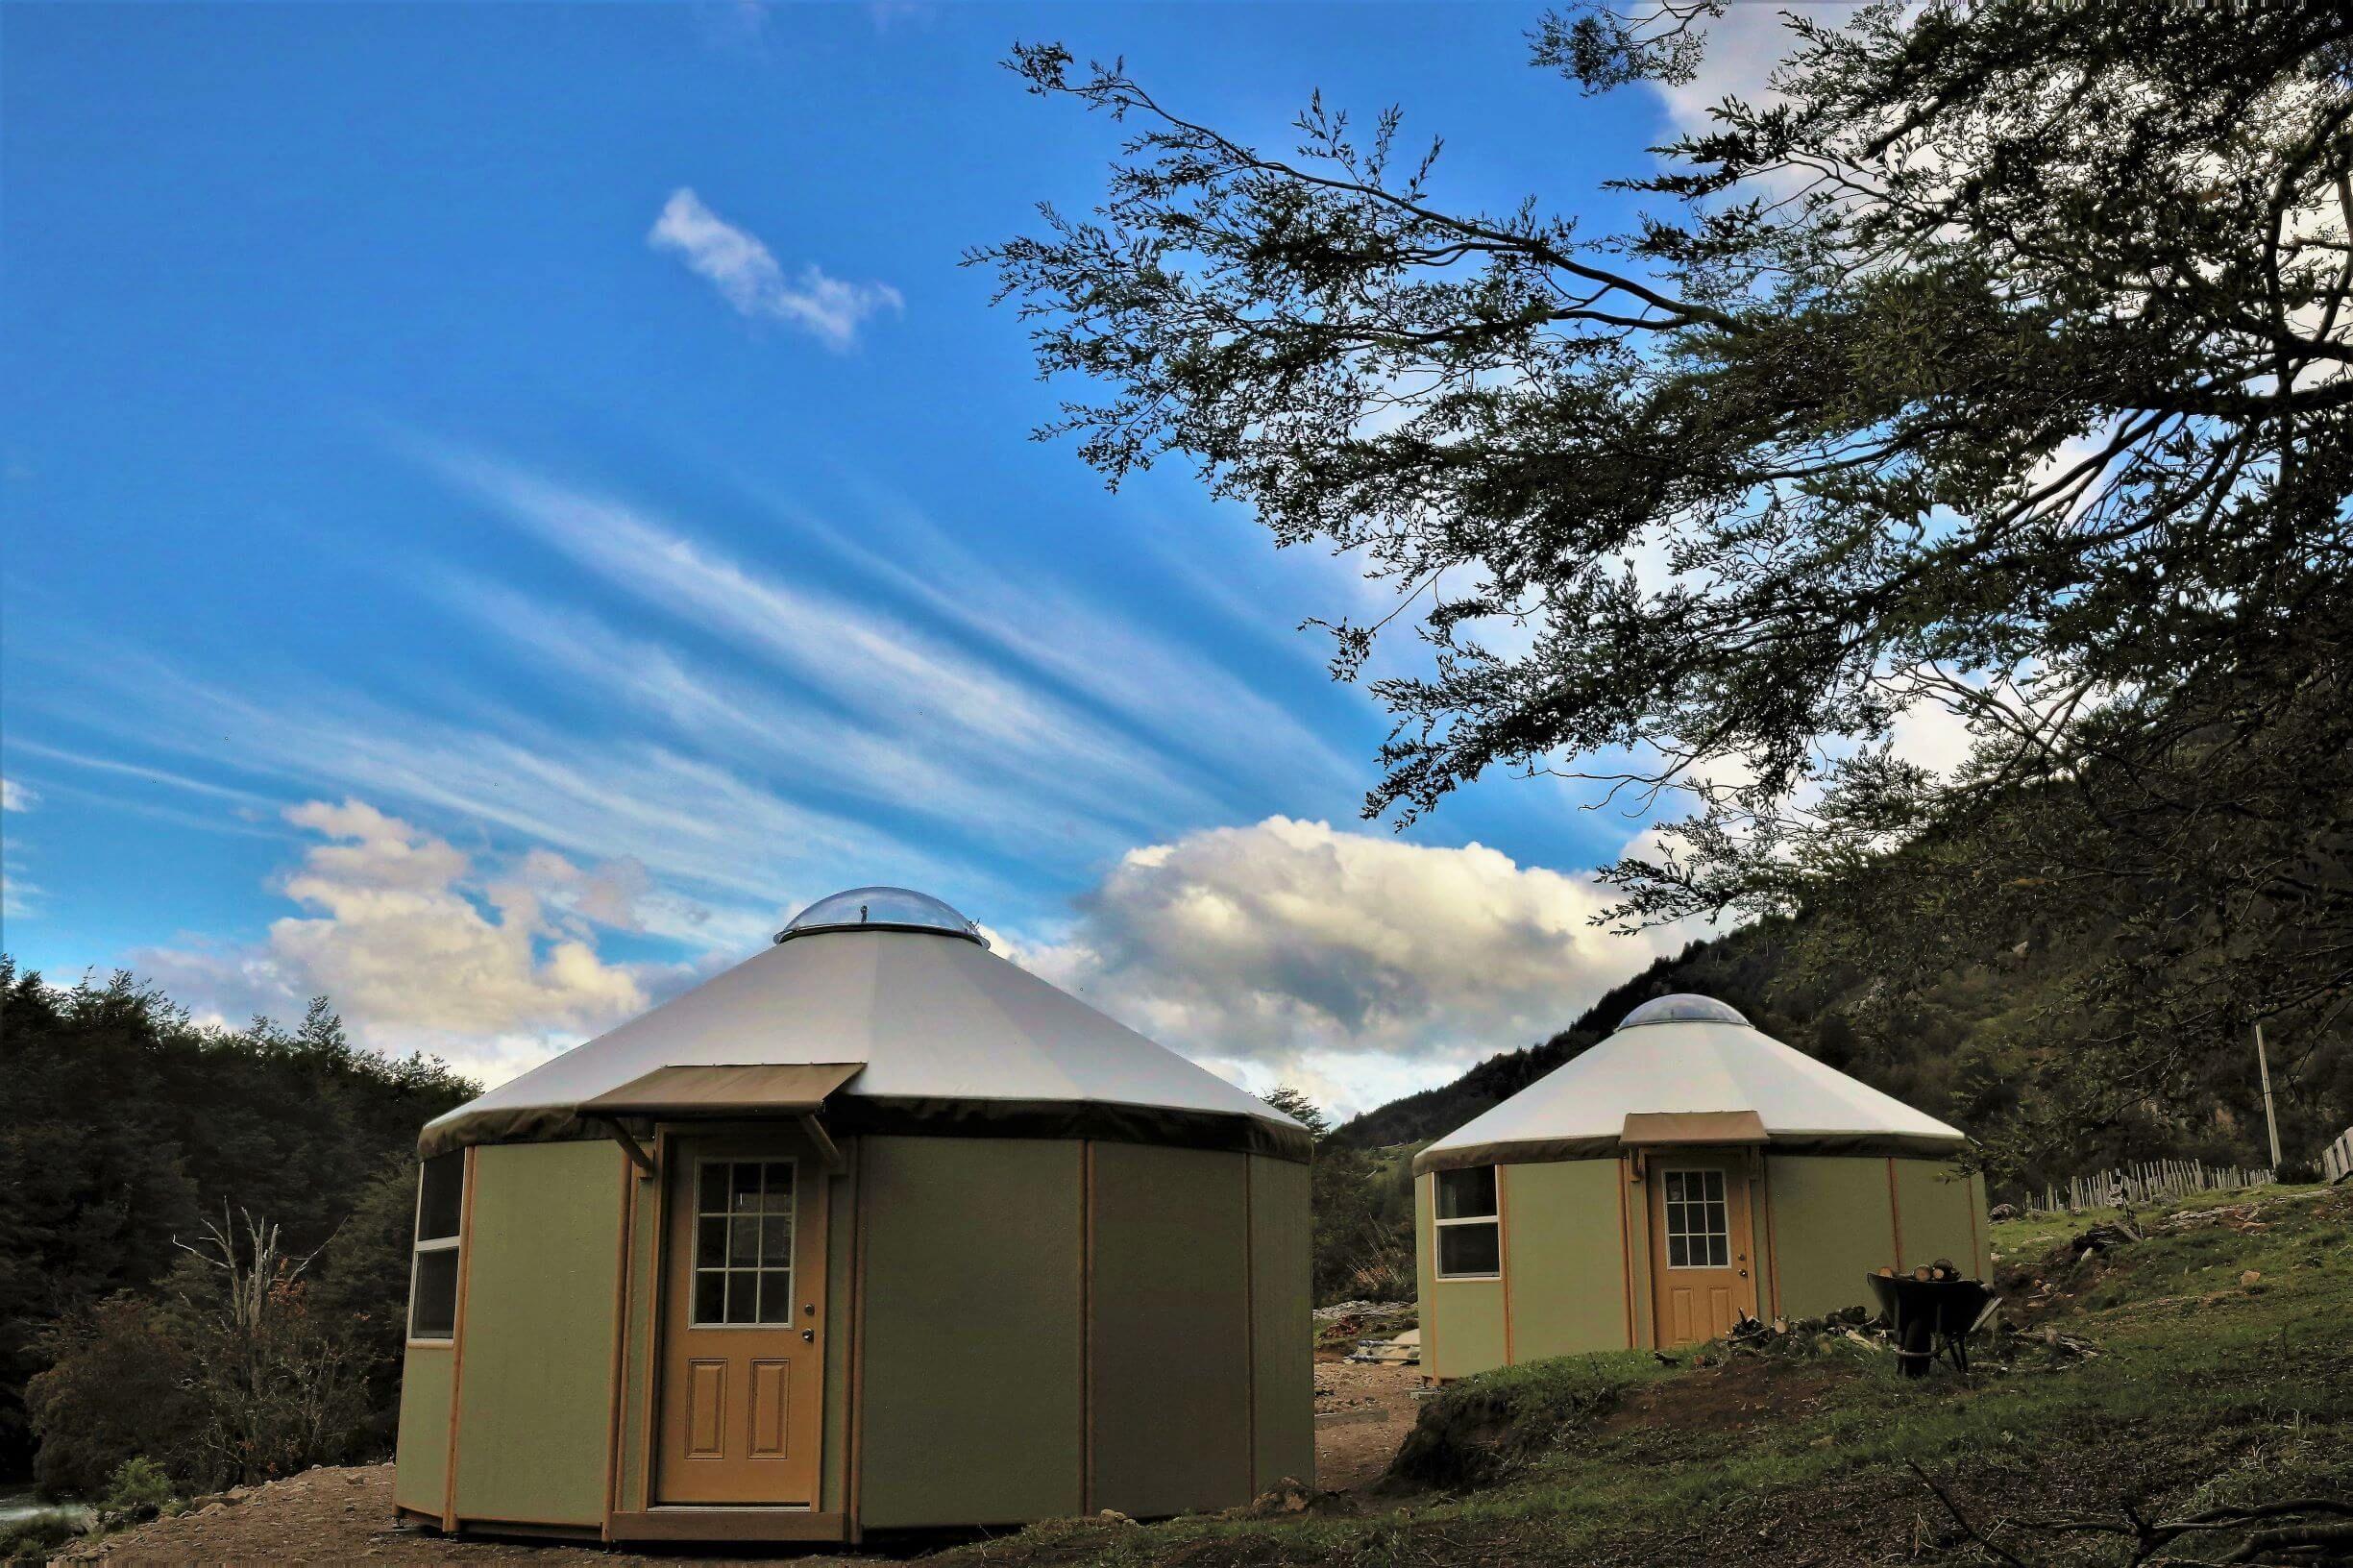 Yurt Pictures Yurt Cabin Photos Freedom Yurt Cabins Yurt Pictures Building A Yurt Yurt